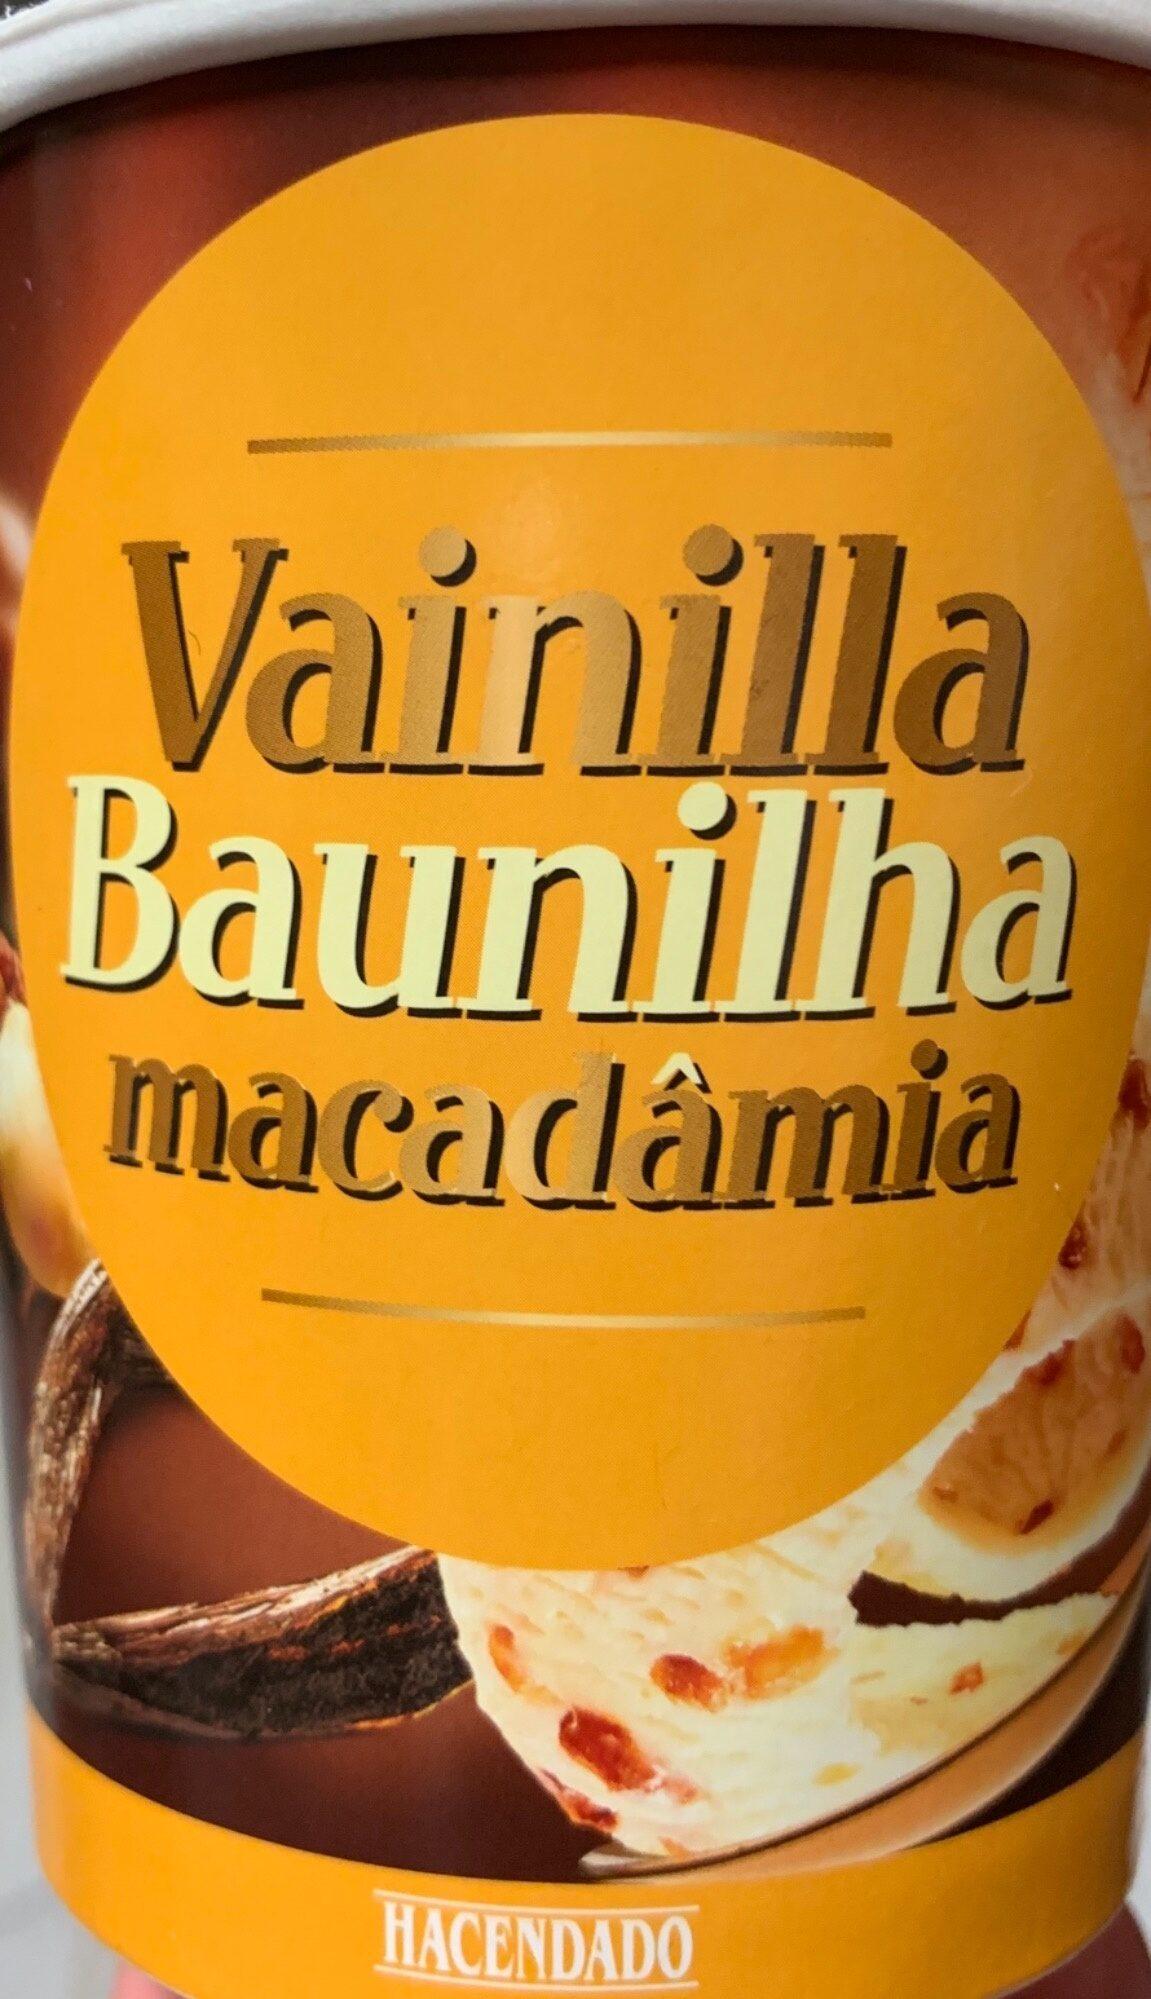 Vainilla y nueces de macadamia - Producte - es